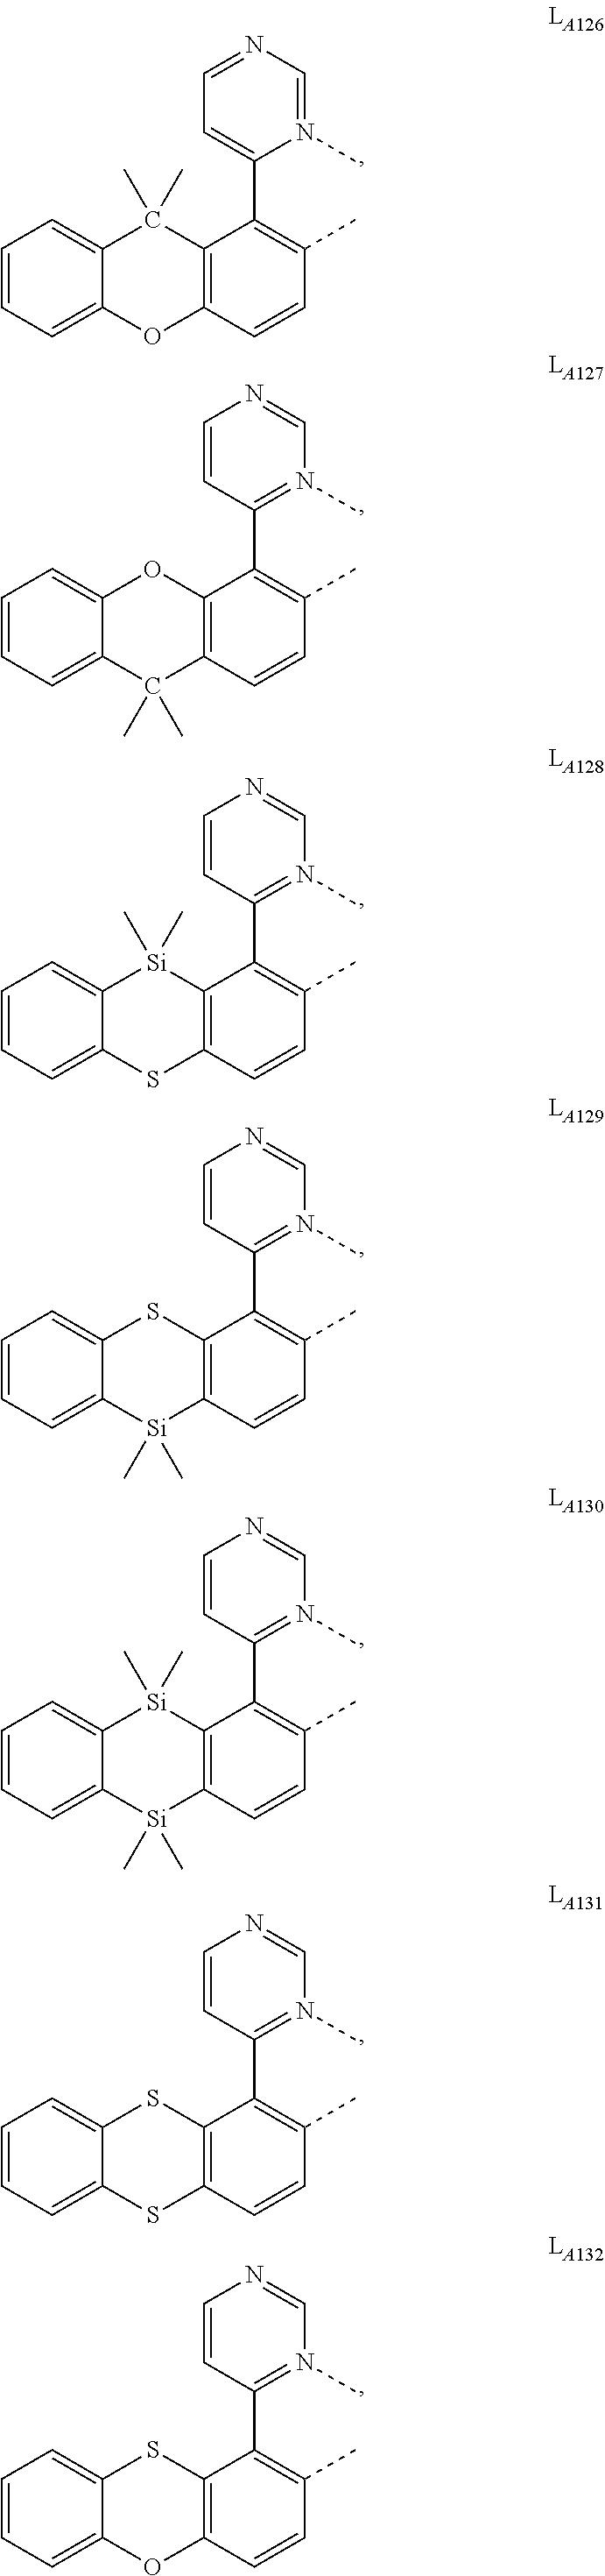 Figure US10153443-20181211-C00026